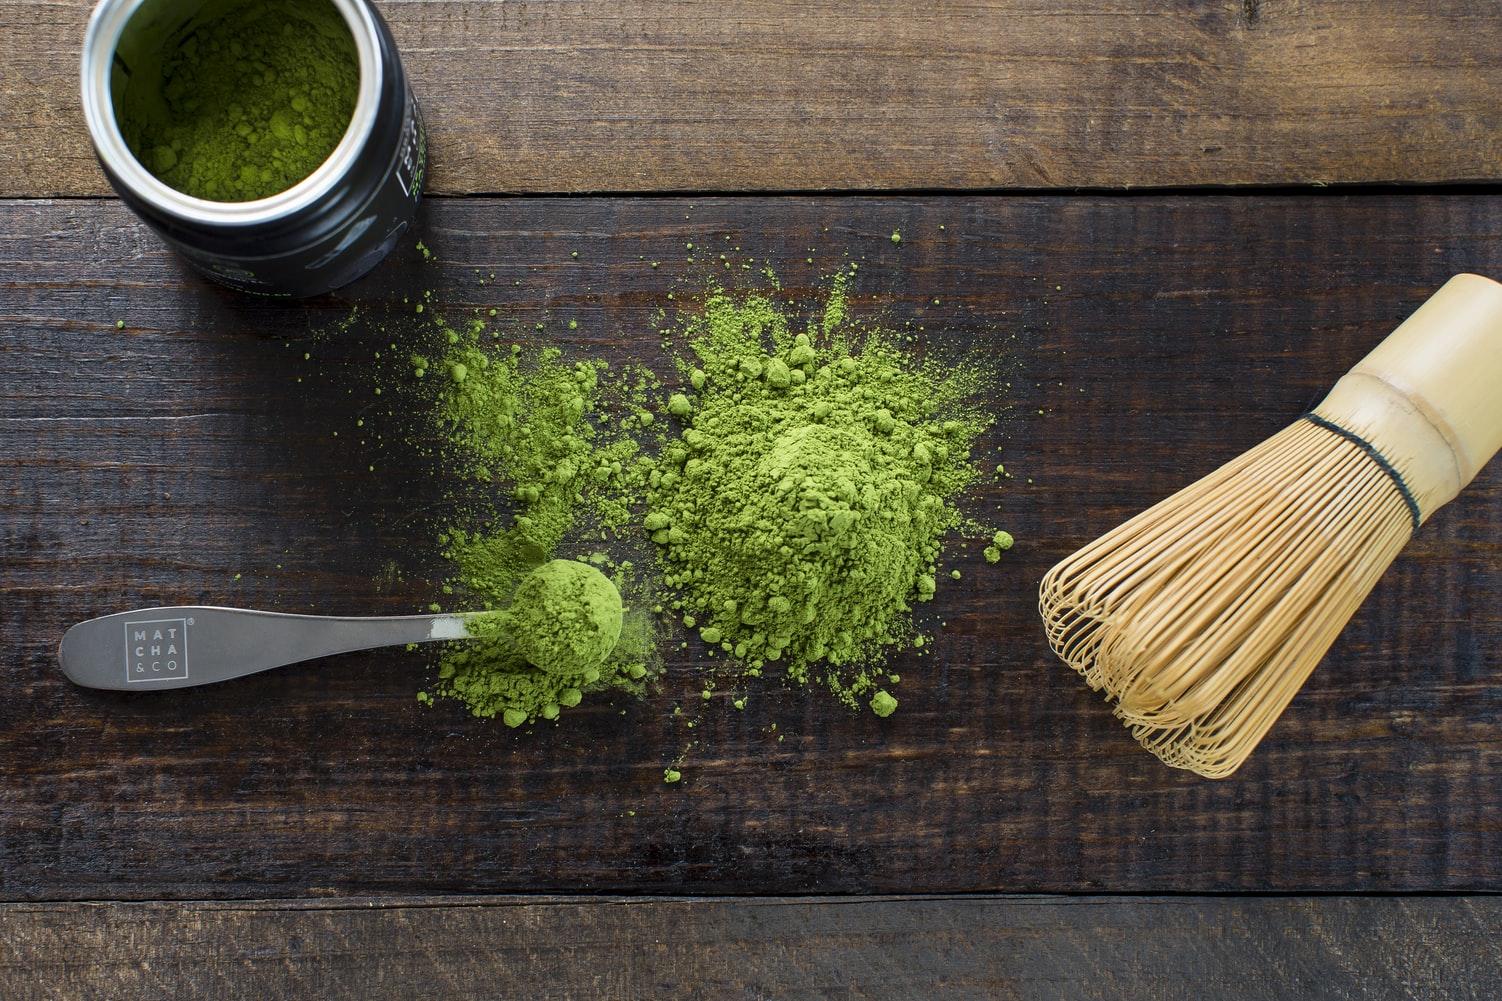 poudre de thé matcha colorant vert